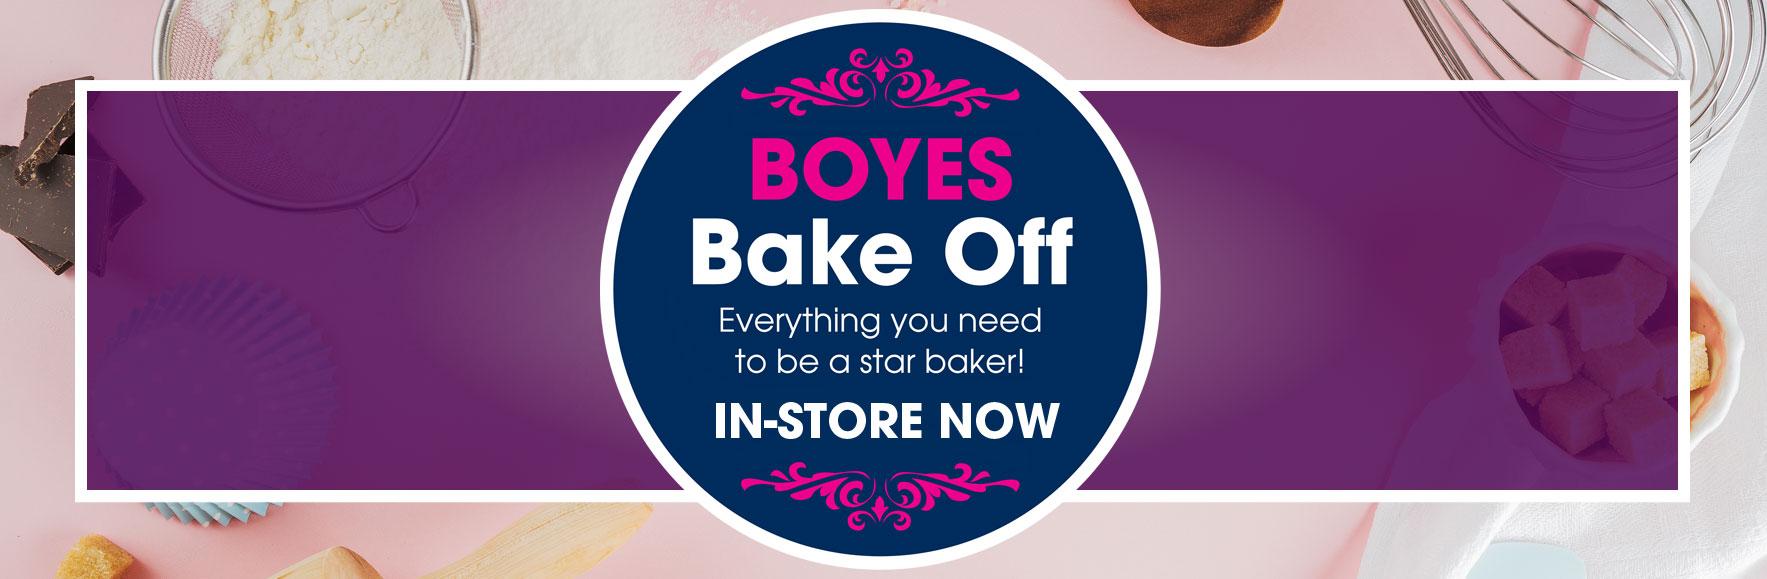 Boyes Bake Off